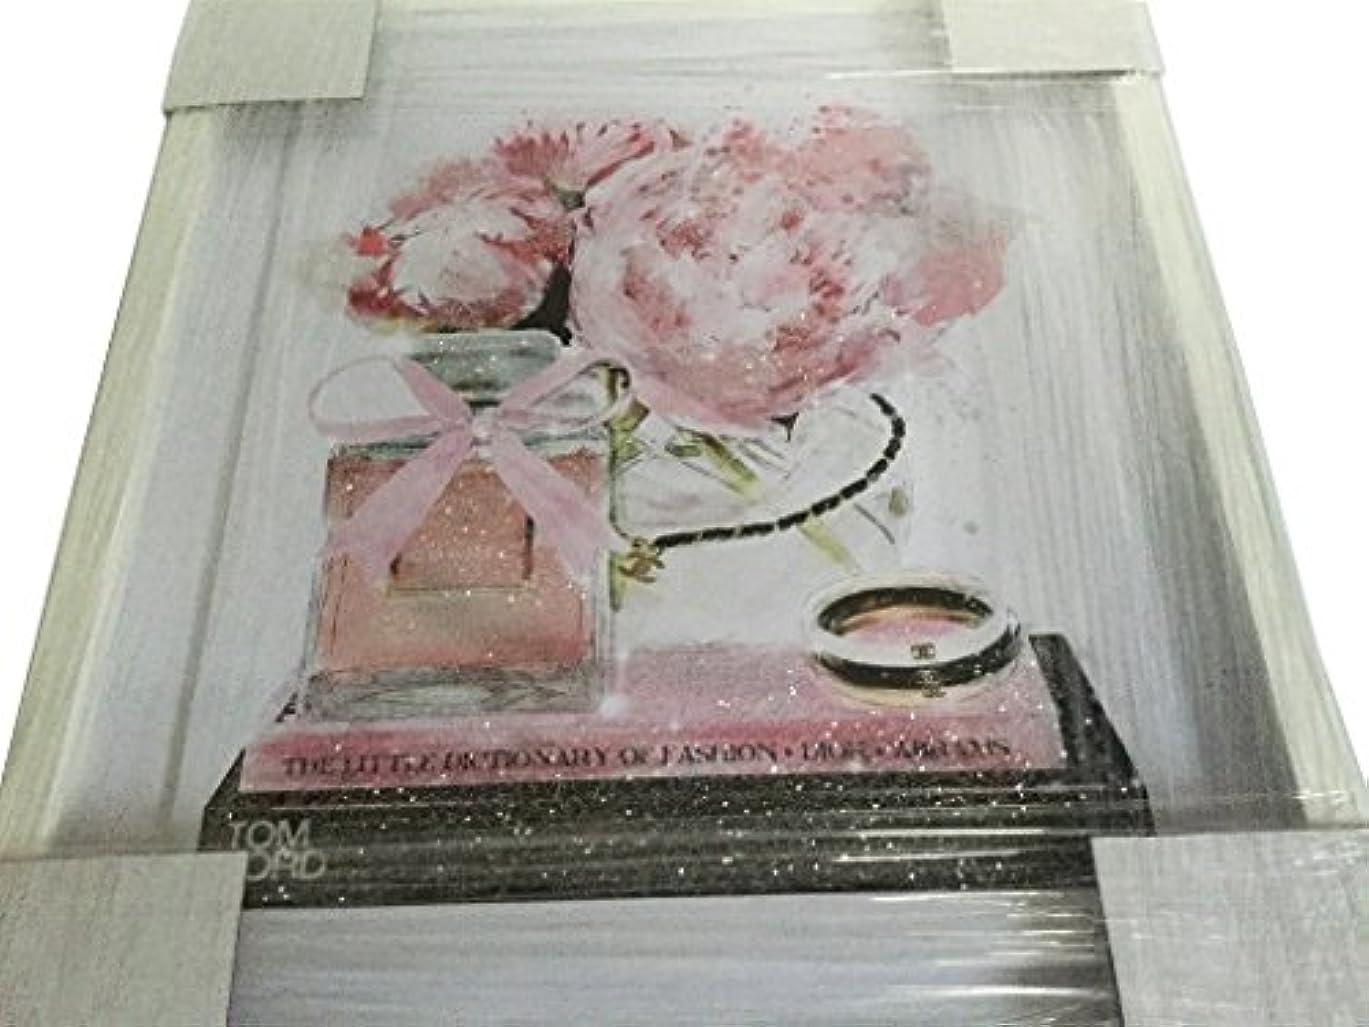 テロリスト蓄積する散るOliver Gal O83 Elegant Perfume and Morning CHANEL スワロフスキー (17×20インチ:43.18×50.8cm)